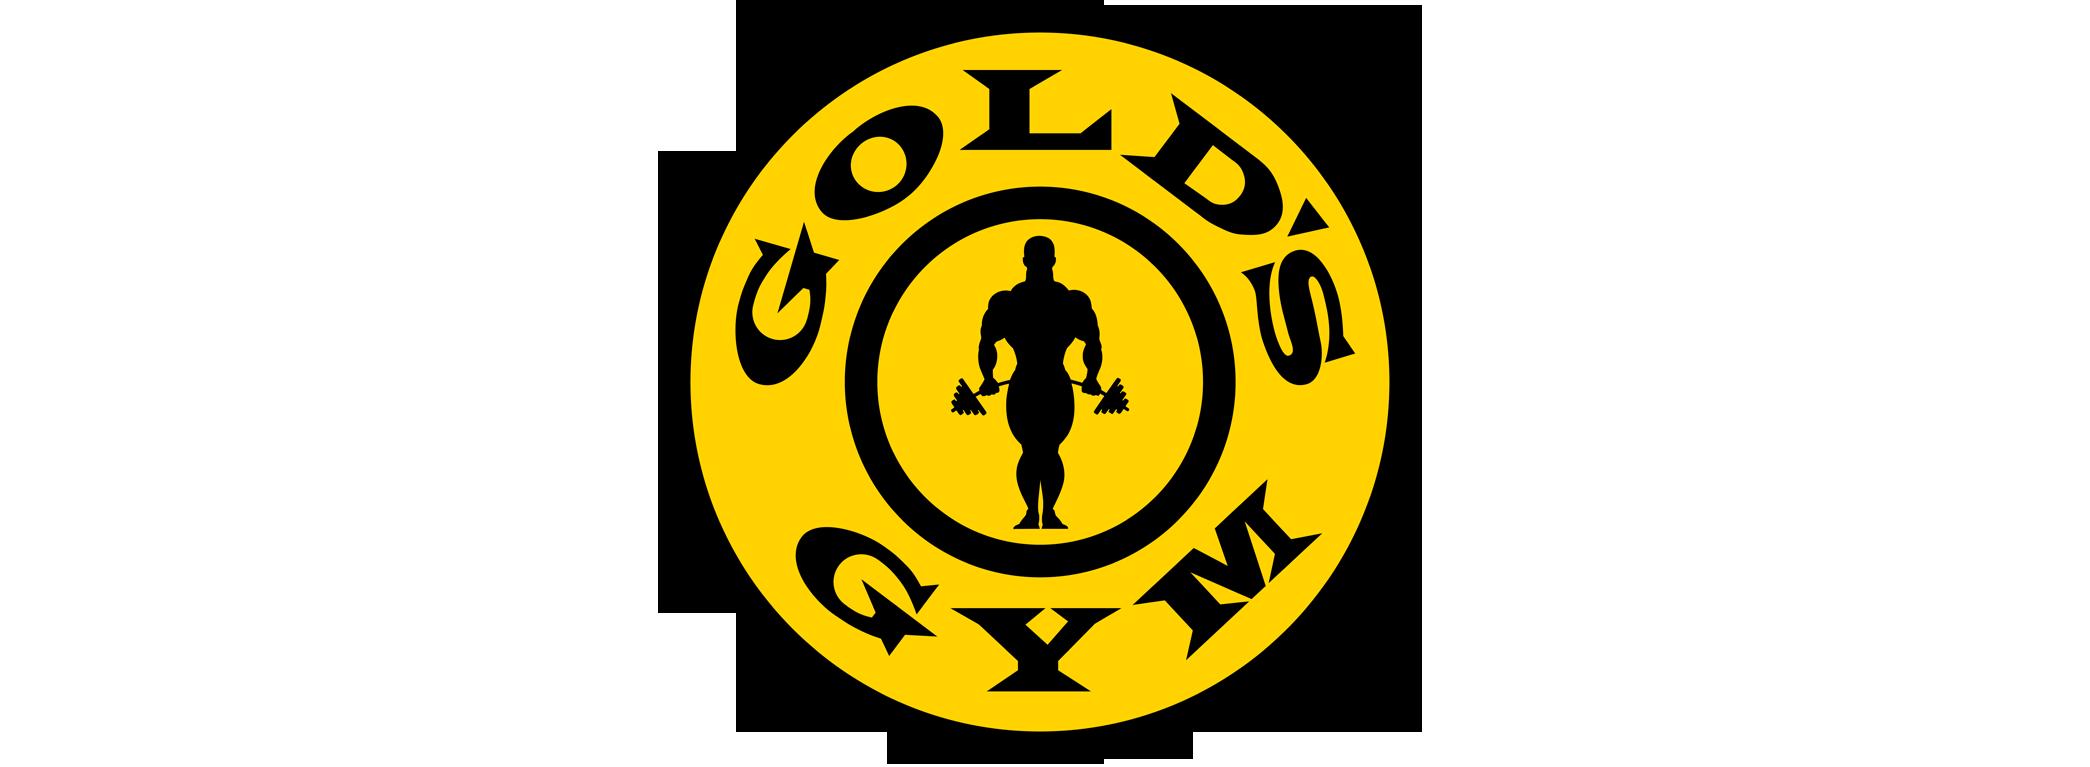 Goldsgym logo